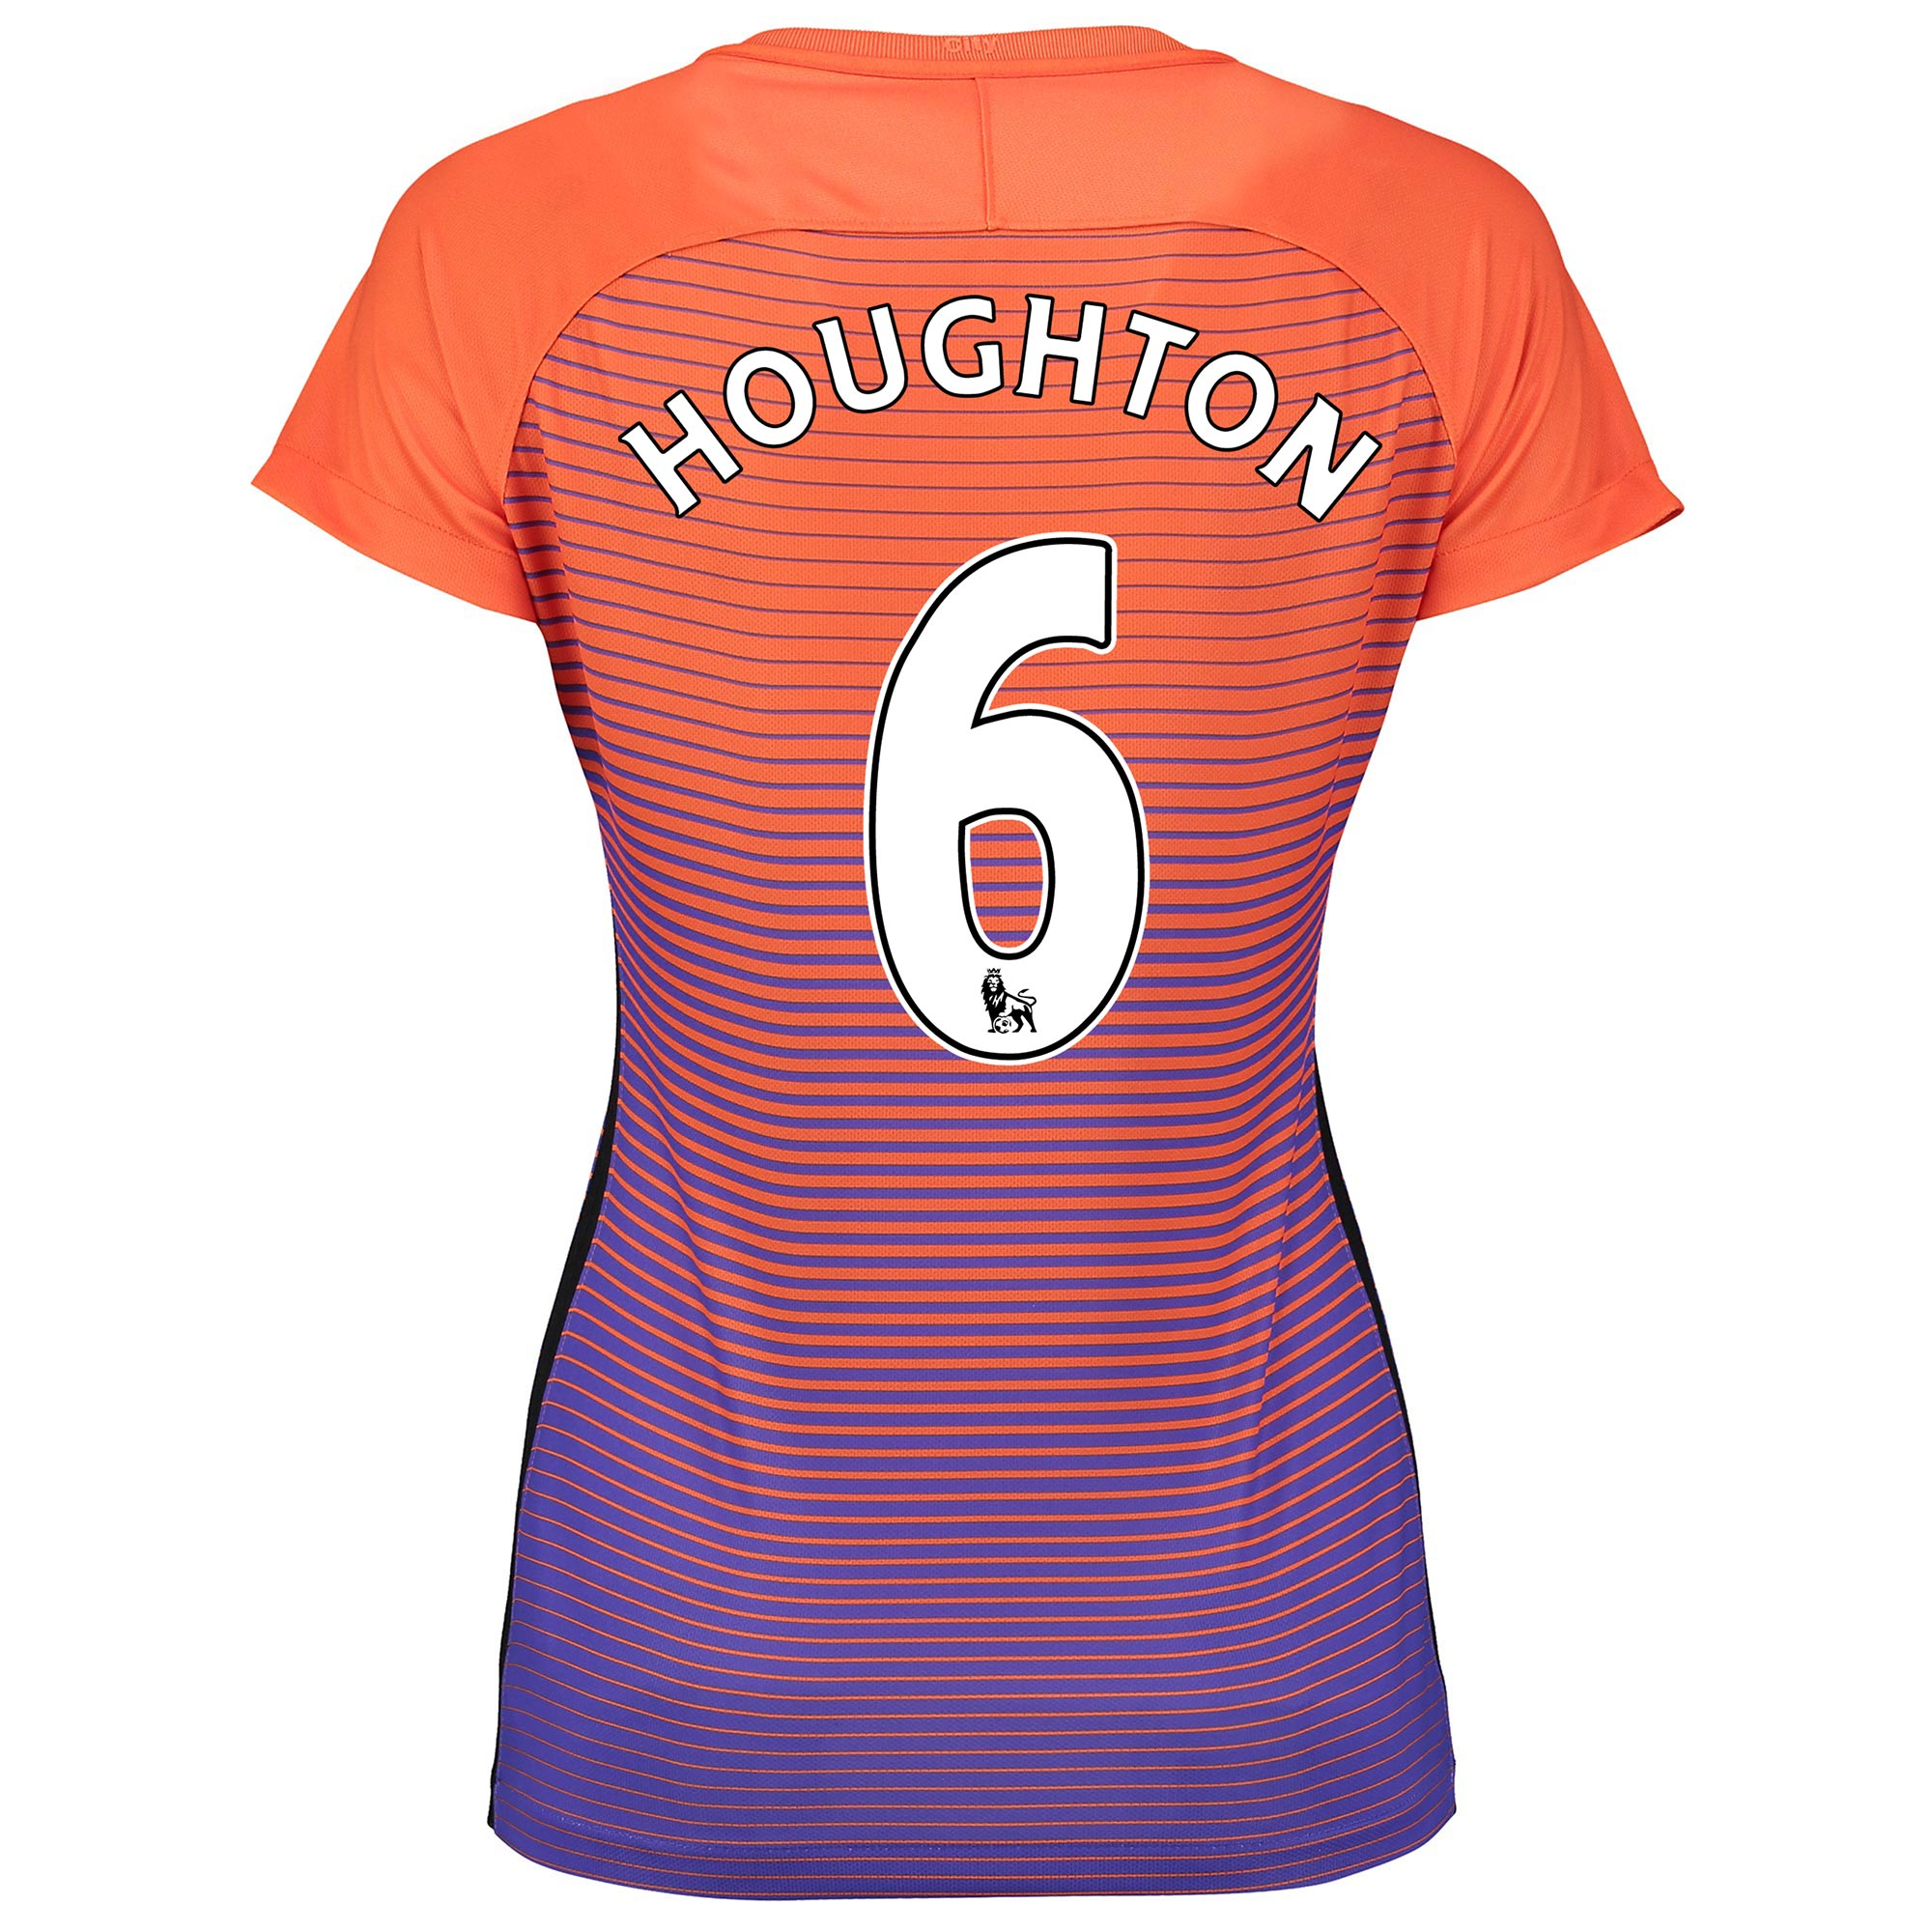 Manchester City Third Stadium Shirt 2016-17 - Womens with Houghton 6 p